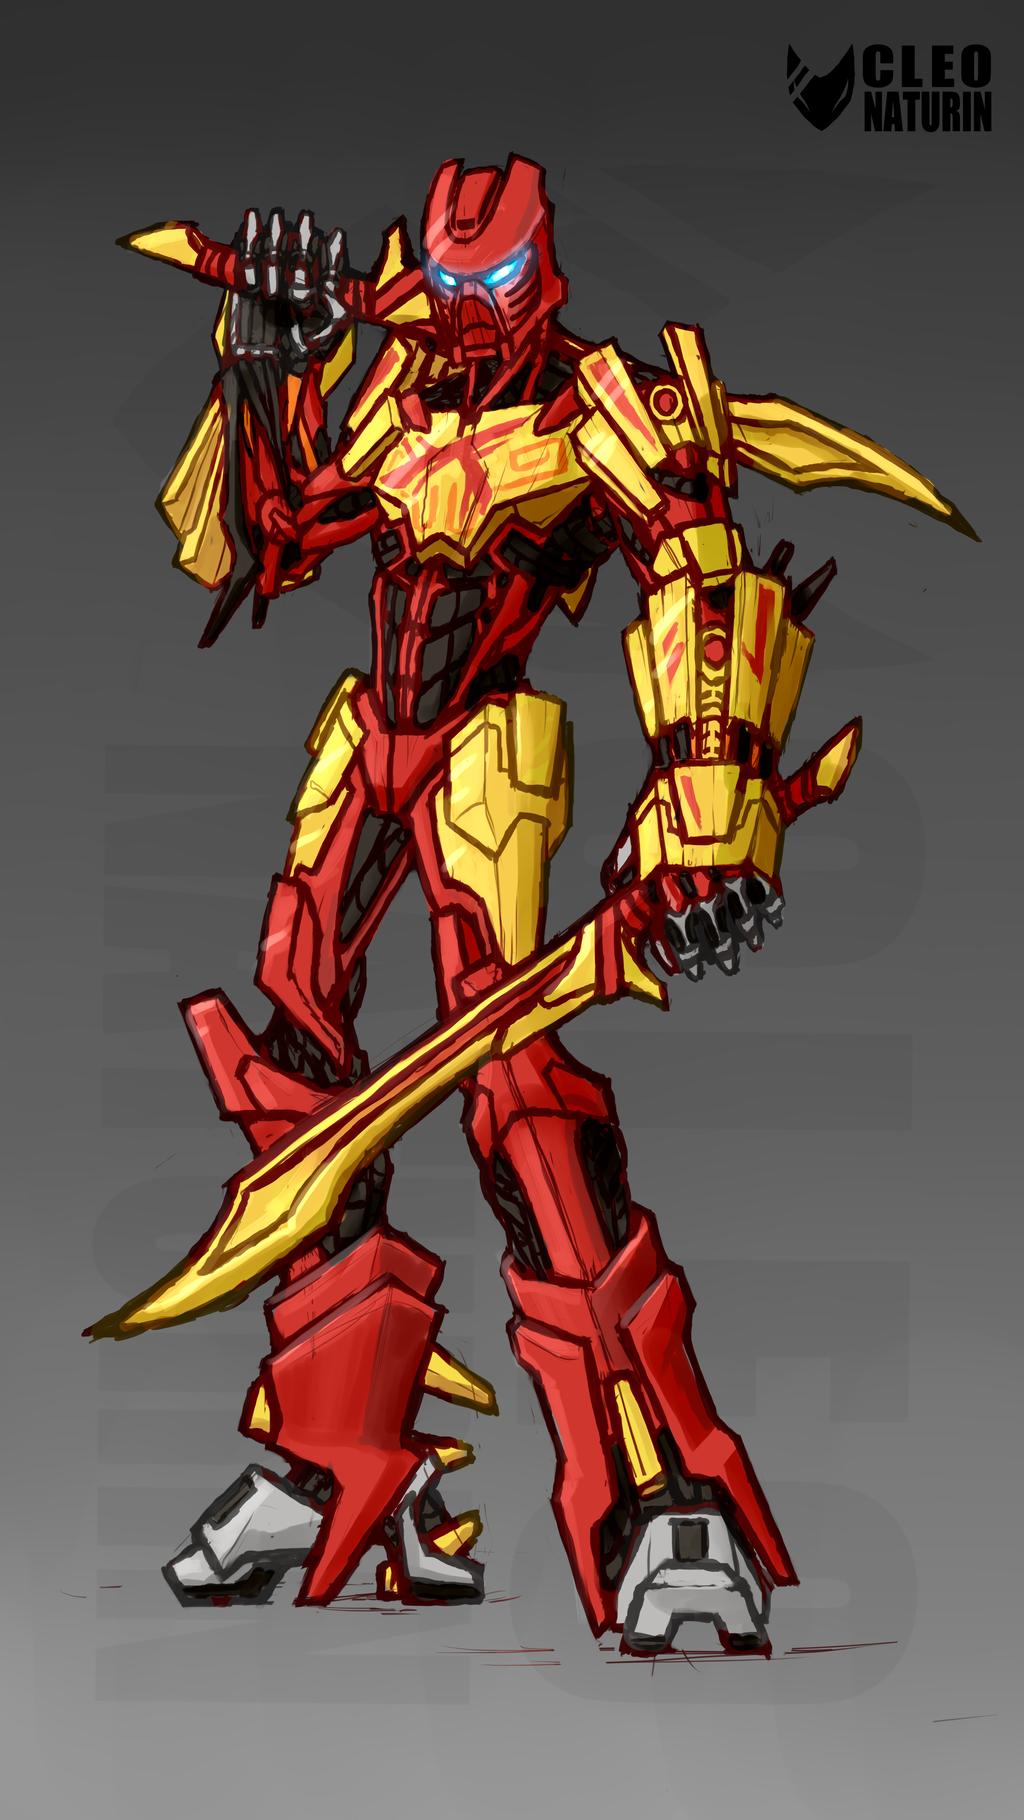 bionicle blue_eyes dual_wielding highres lego mask sword tahu weapon